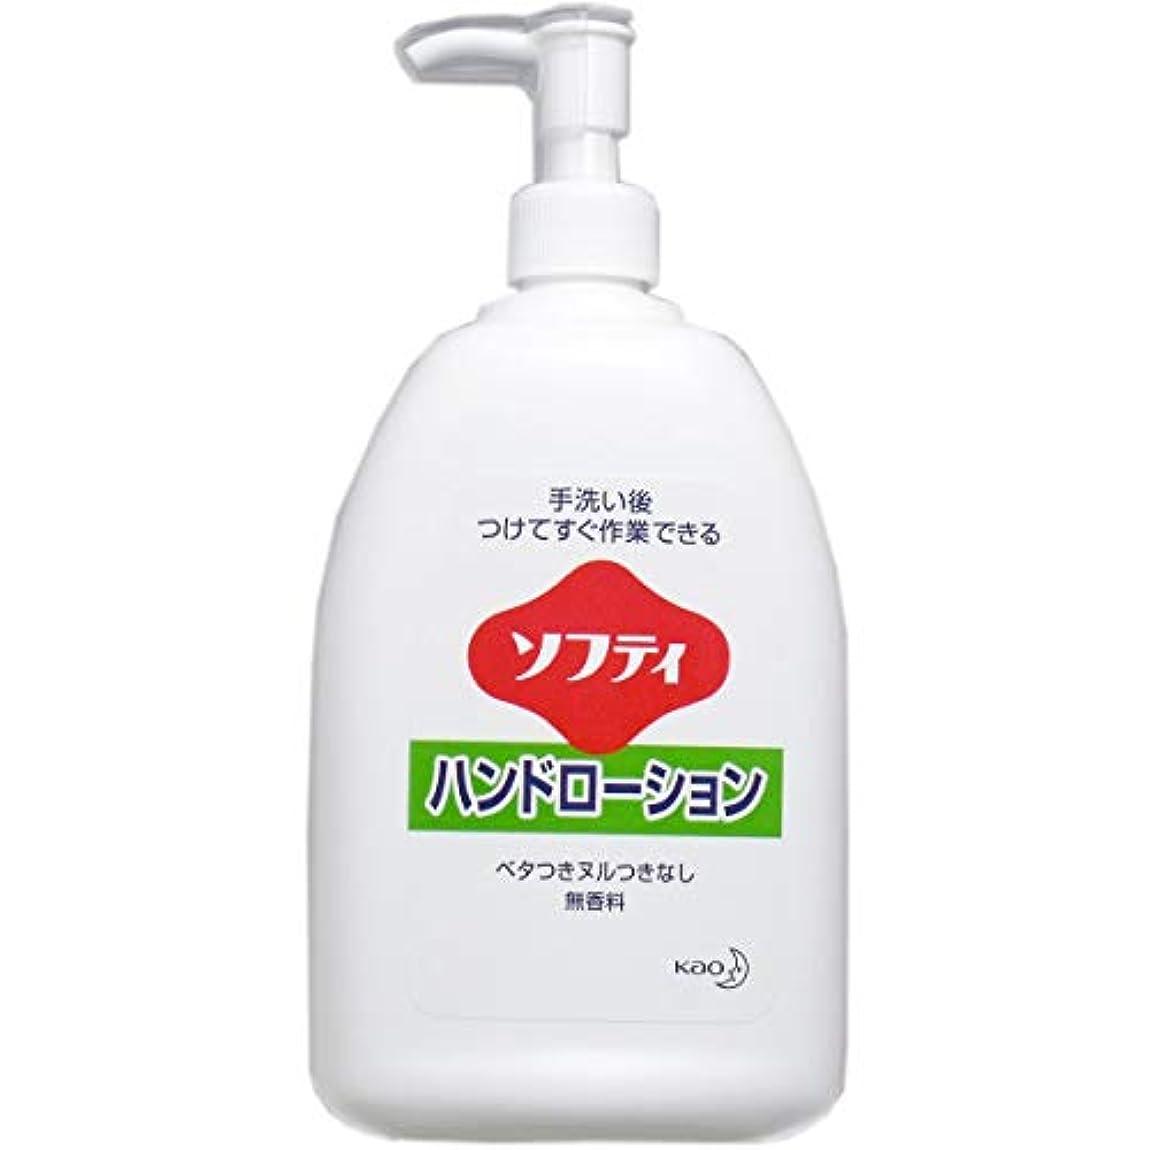 注文リテラシー教義花王ソフティ ハンドローション 無香料 550mL(単品)